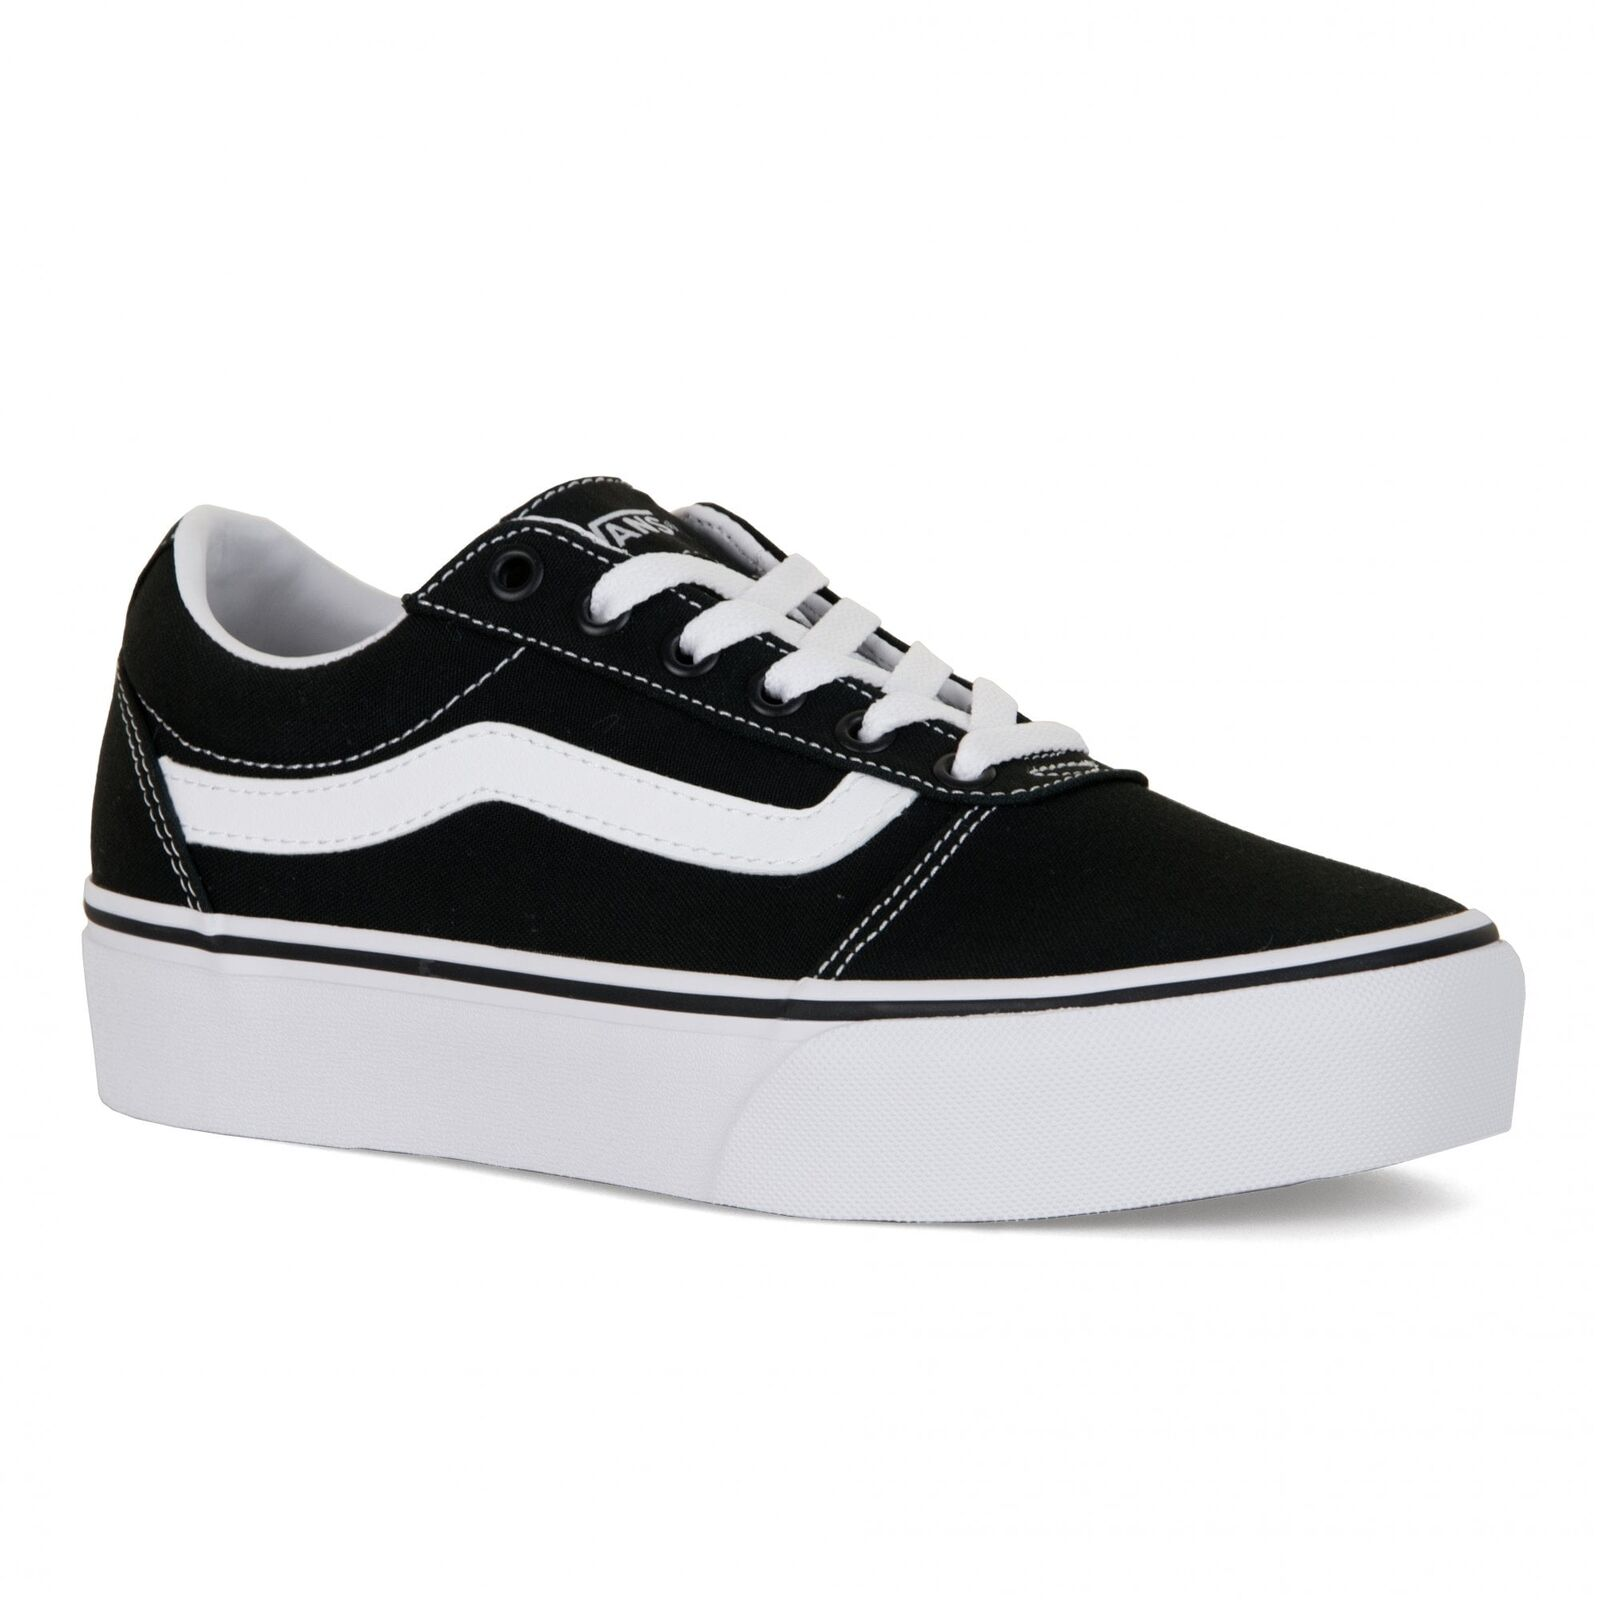 Shoes VANS Ward Platform Size 4.5 UK